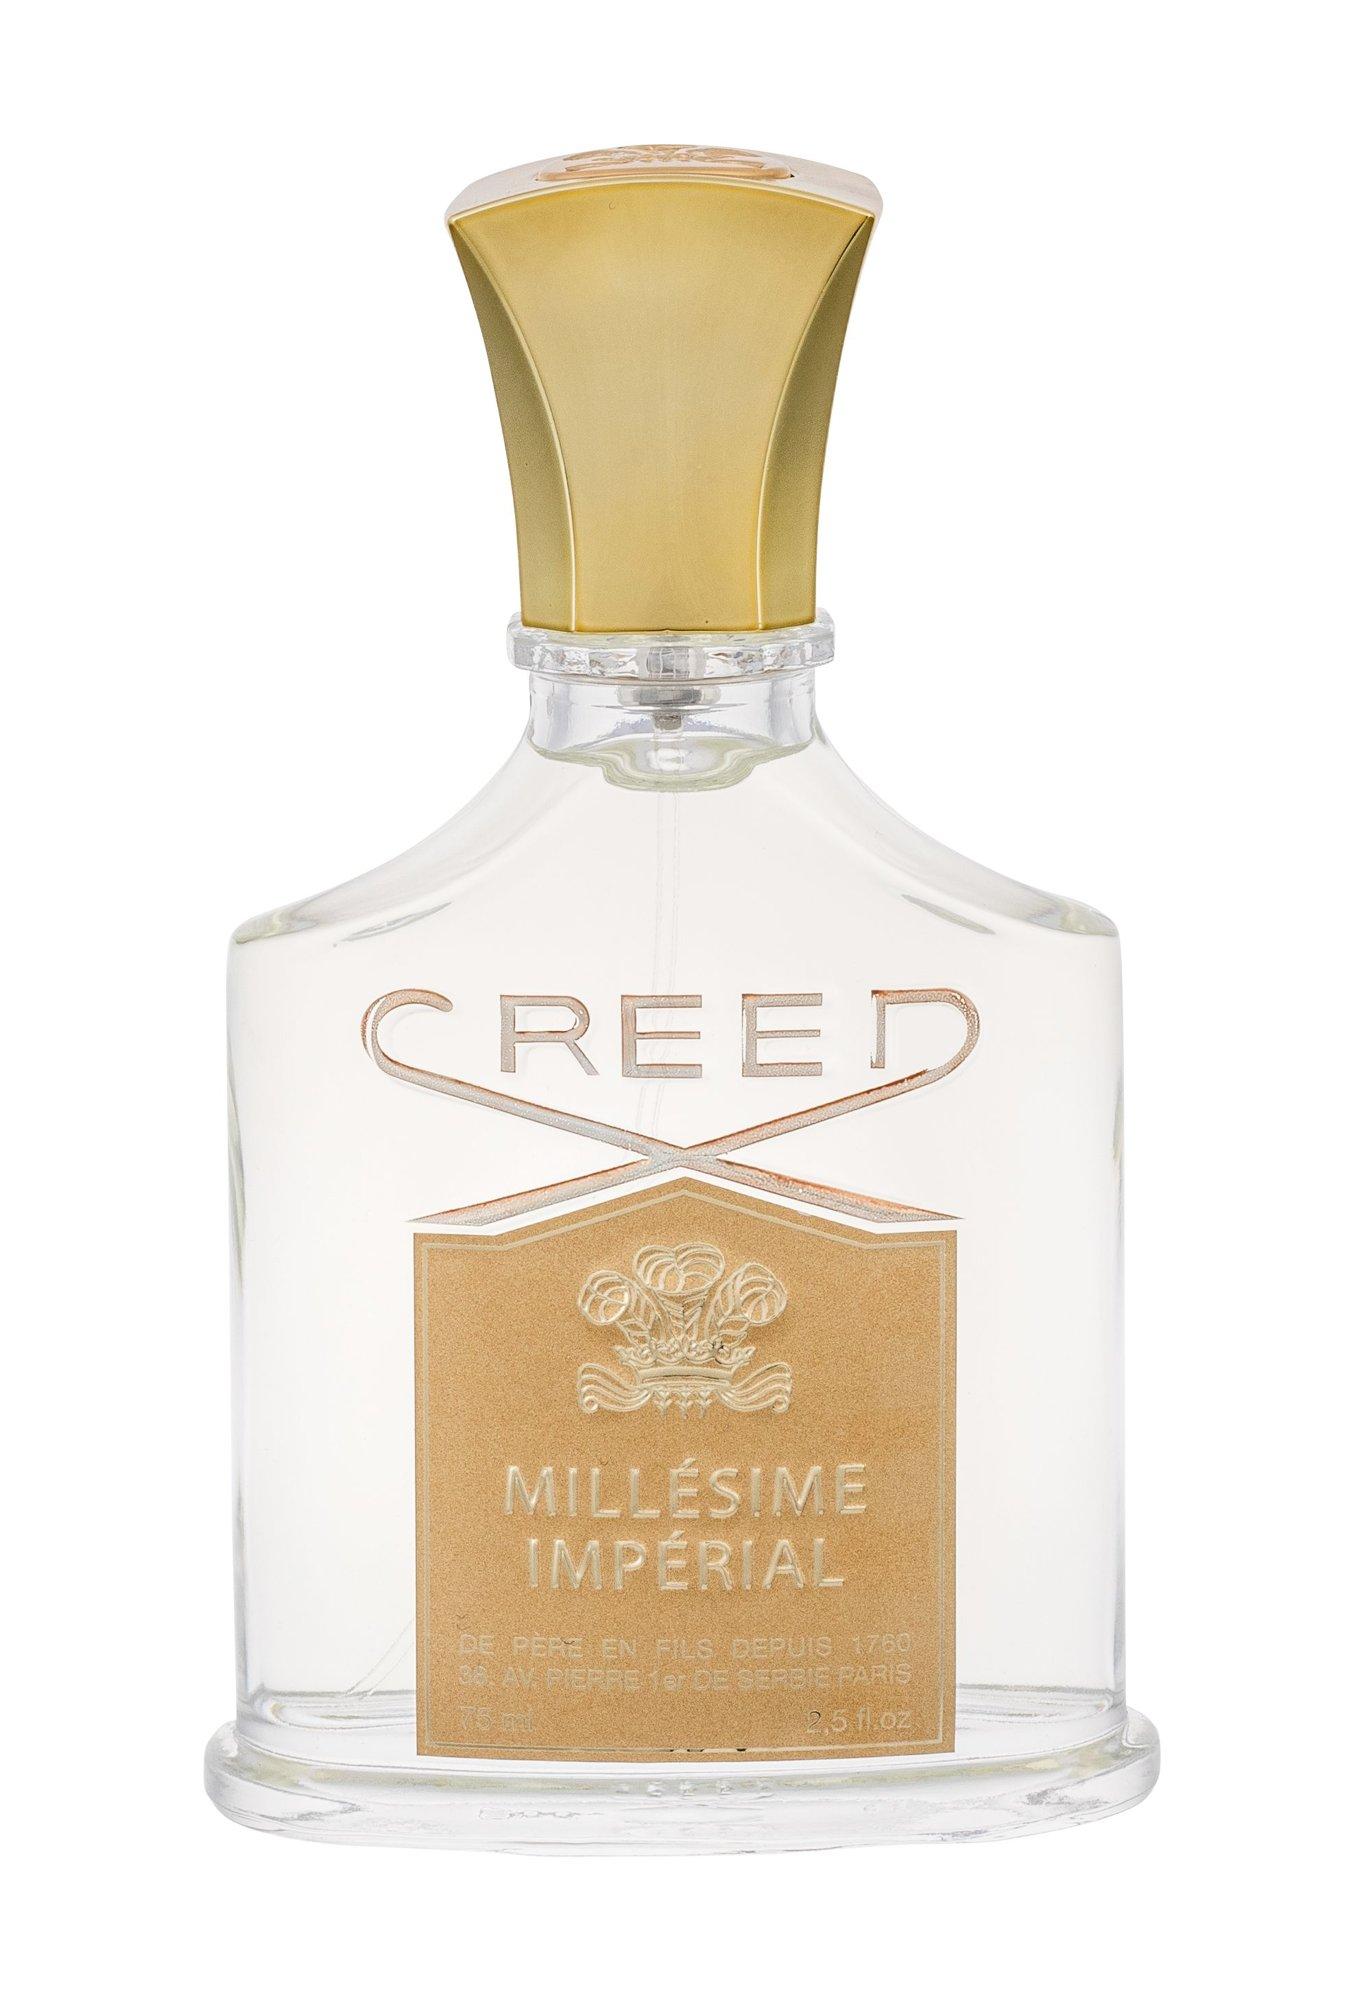 Creed Millésime Impérial Millesime 75ml